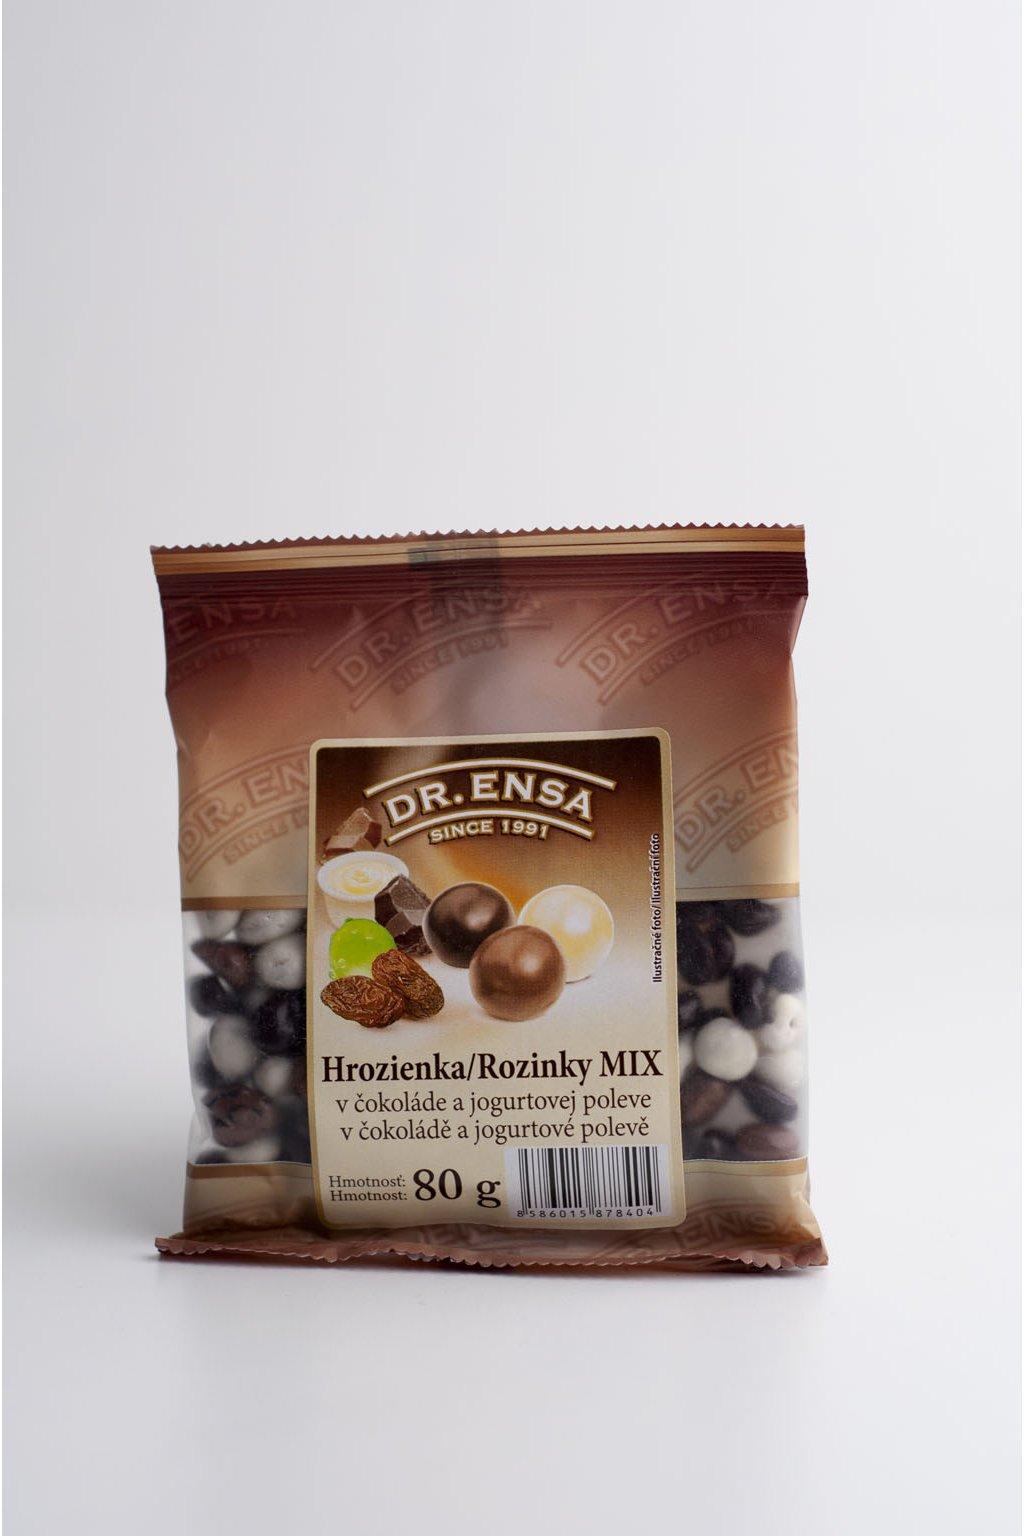 Hrozienka MIX v čokoláde a jogurtovej poleve